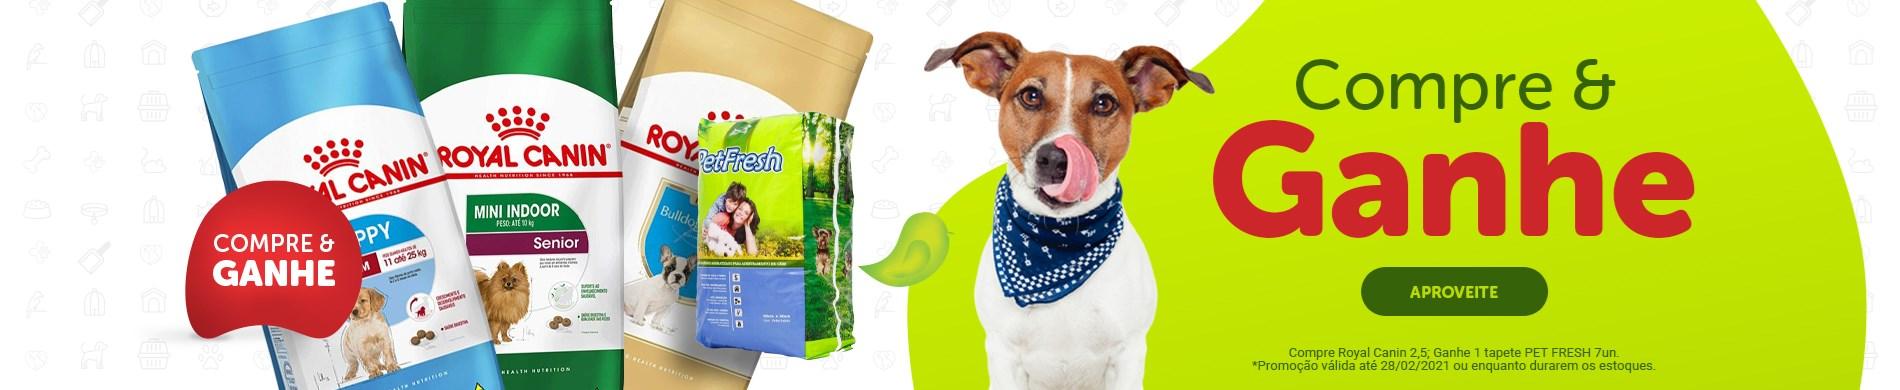 Promoção compre Royal Canin para cachorro de 2,5kg ganhe tapete Pet Fresh